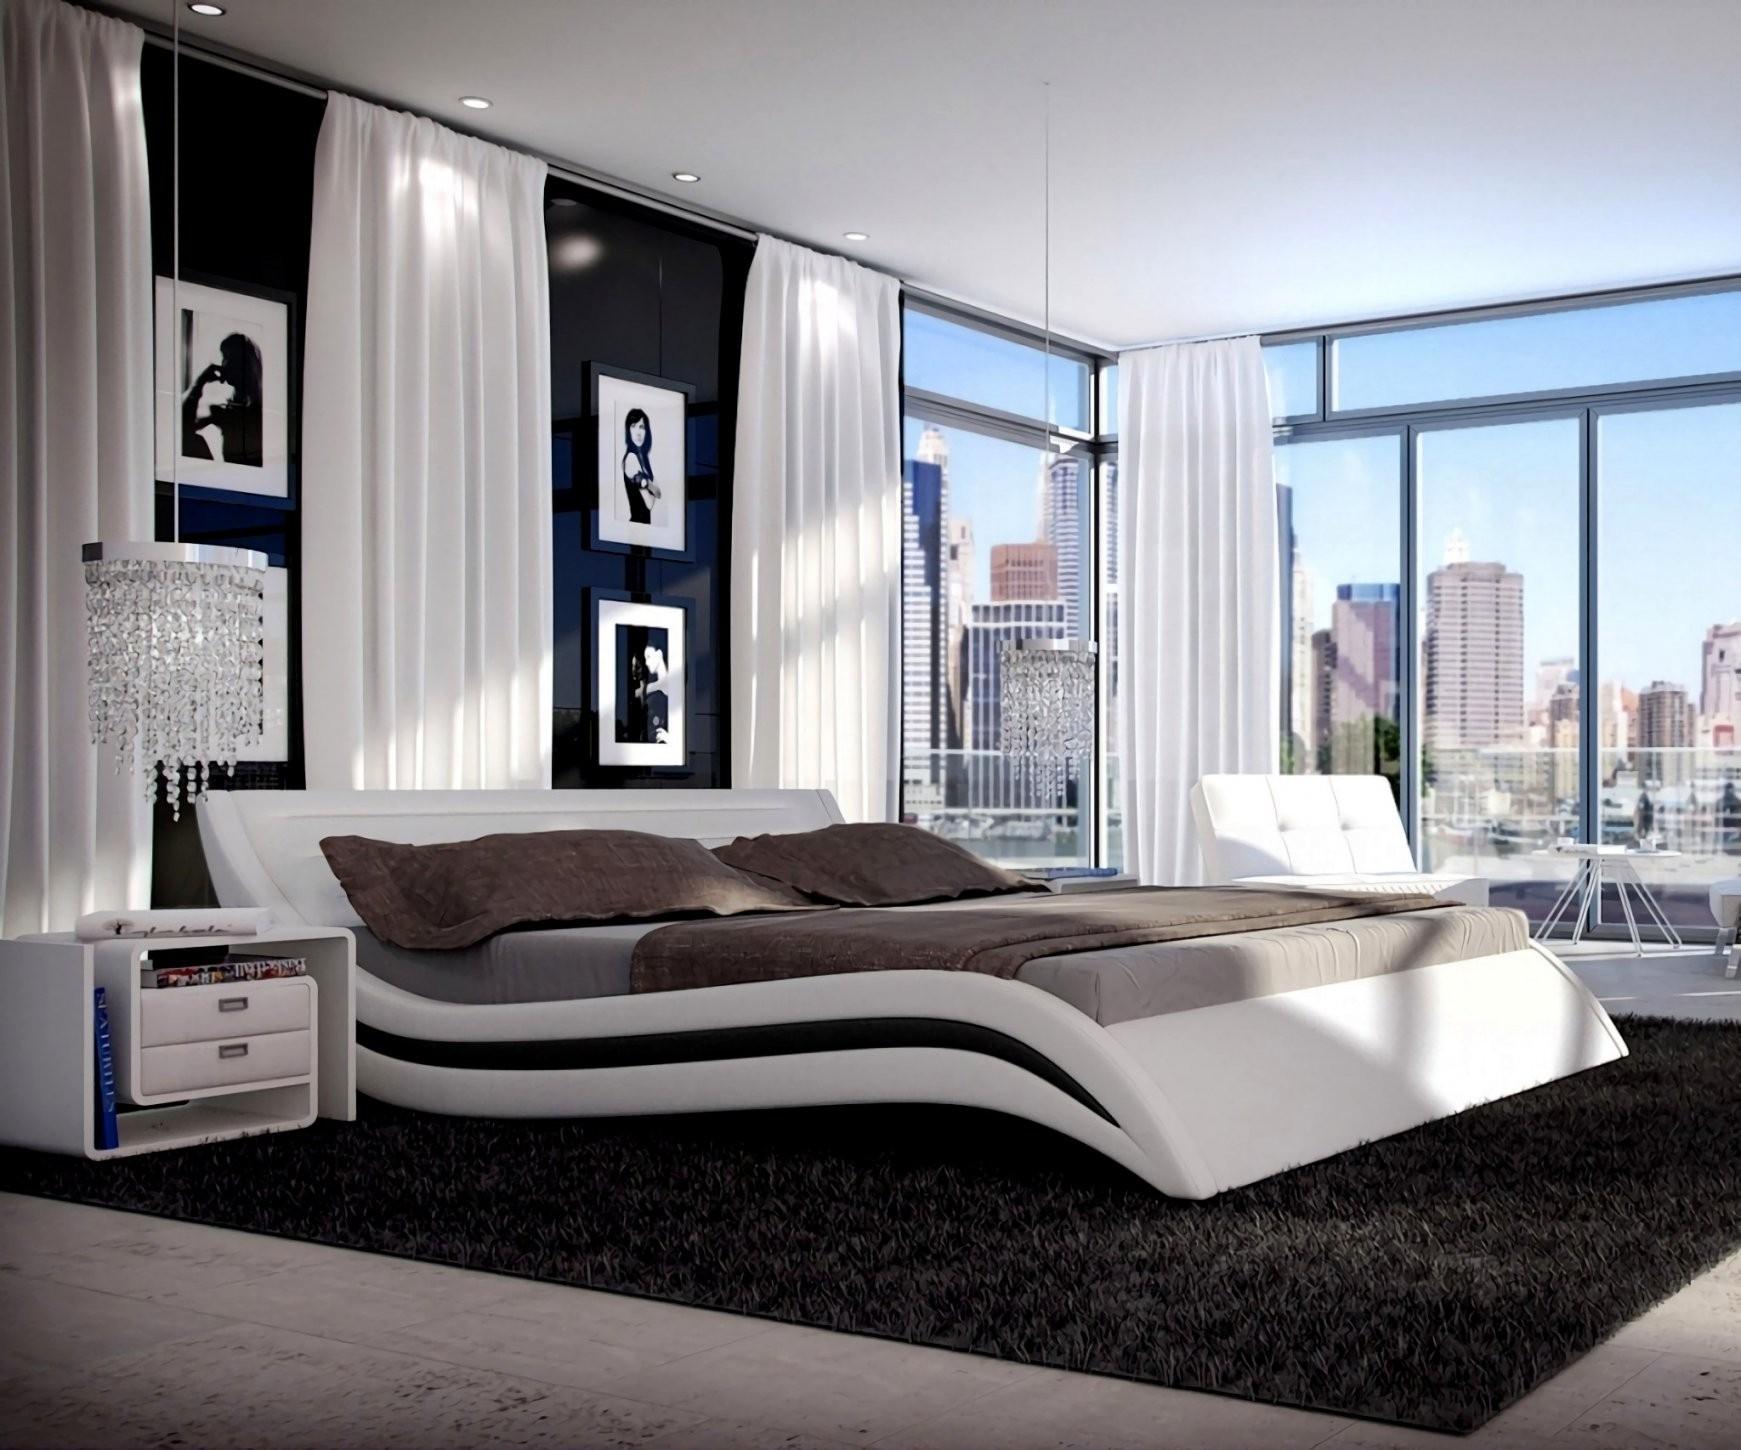 Beeindruckend Modernes Bett 180X200 Weise Betten 140X200 Frisch von Modernes Bett 180X200 Photo